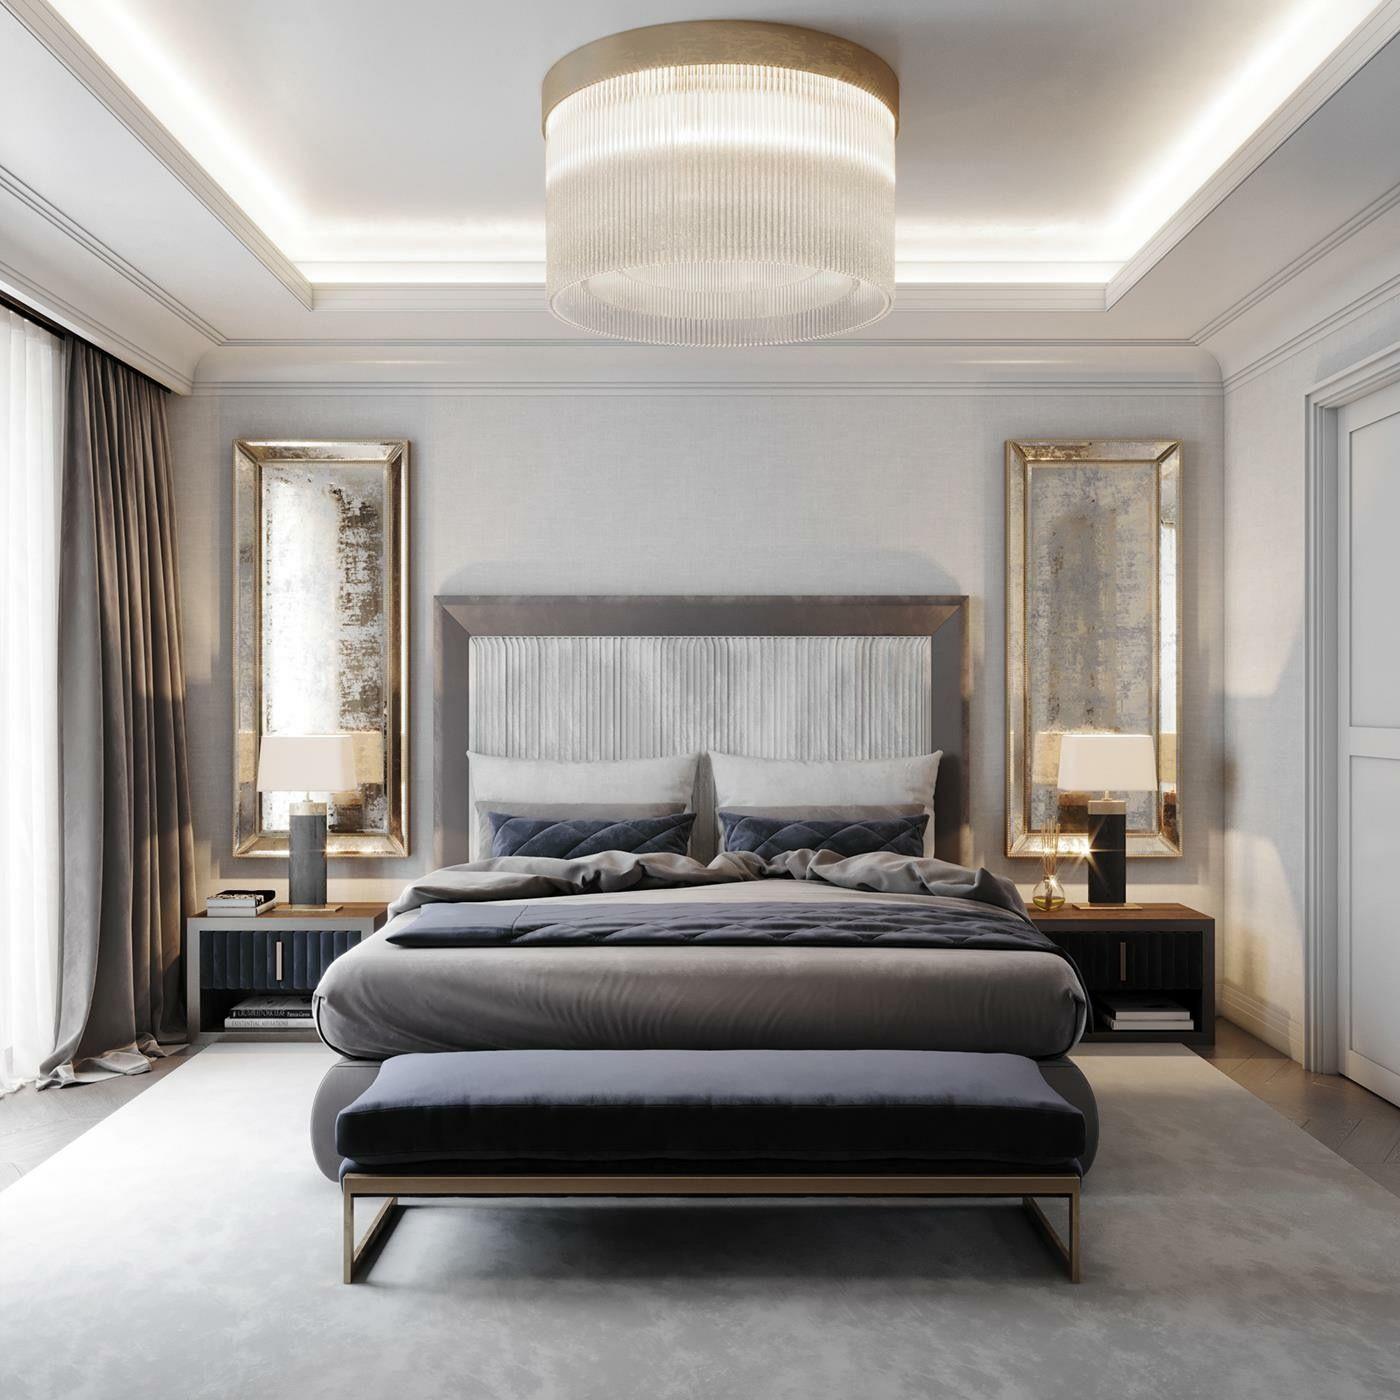 Best Simple Minimalist Bedroom Luxury Luxury Bedroom Master 400 x 300